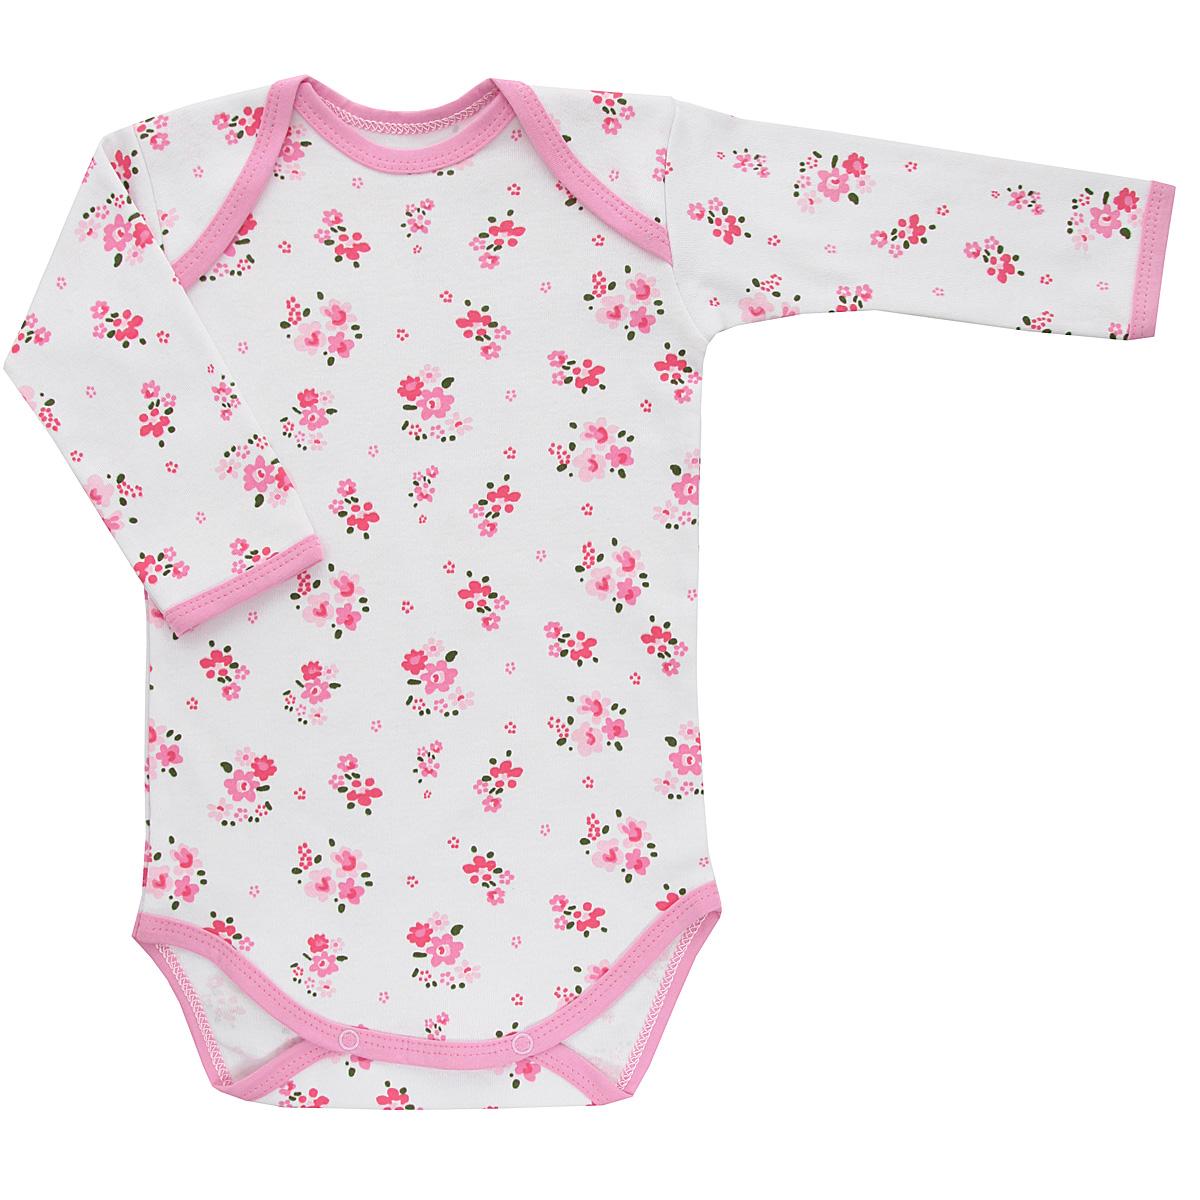 Боди для девочки Трон-плюс, цвет: белый, розовый. 5871_цветы. Размер 80, 12 месяцев